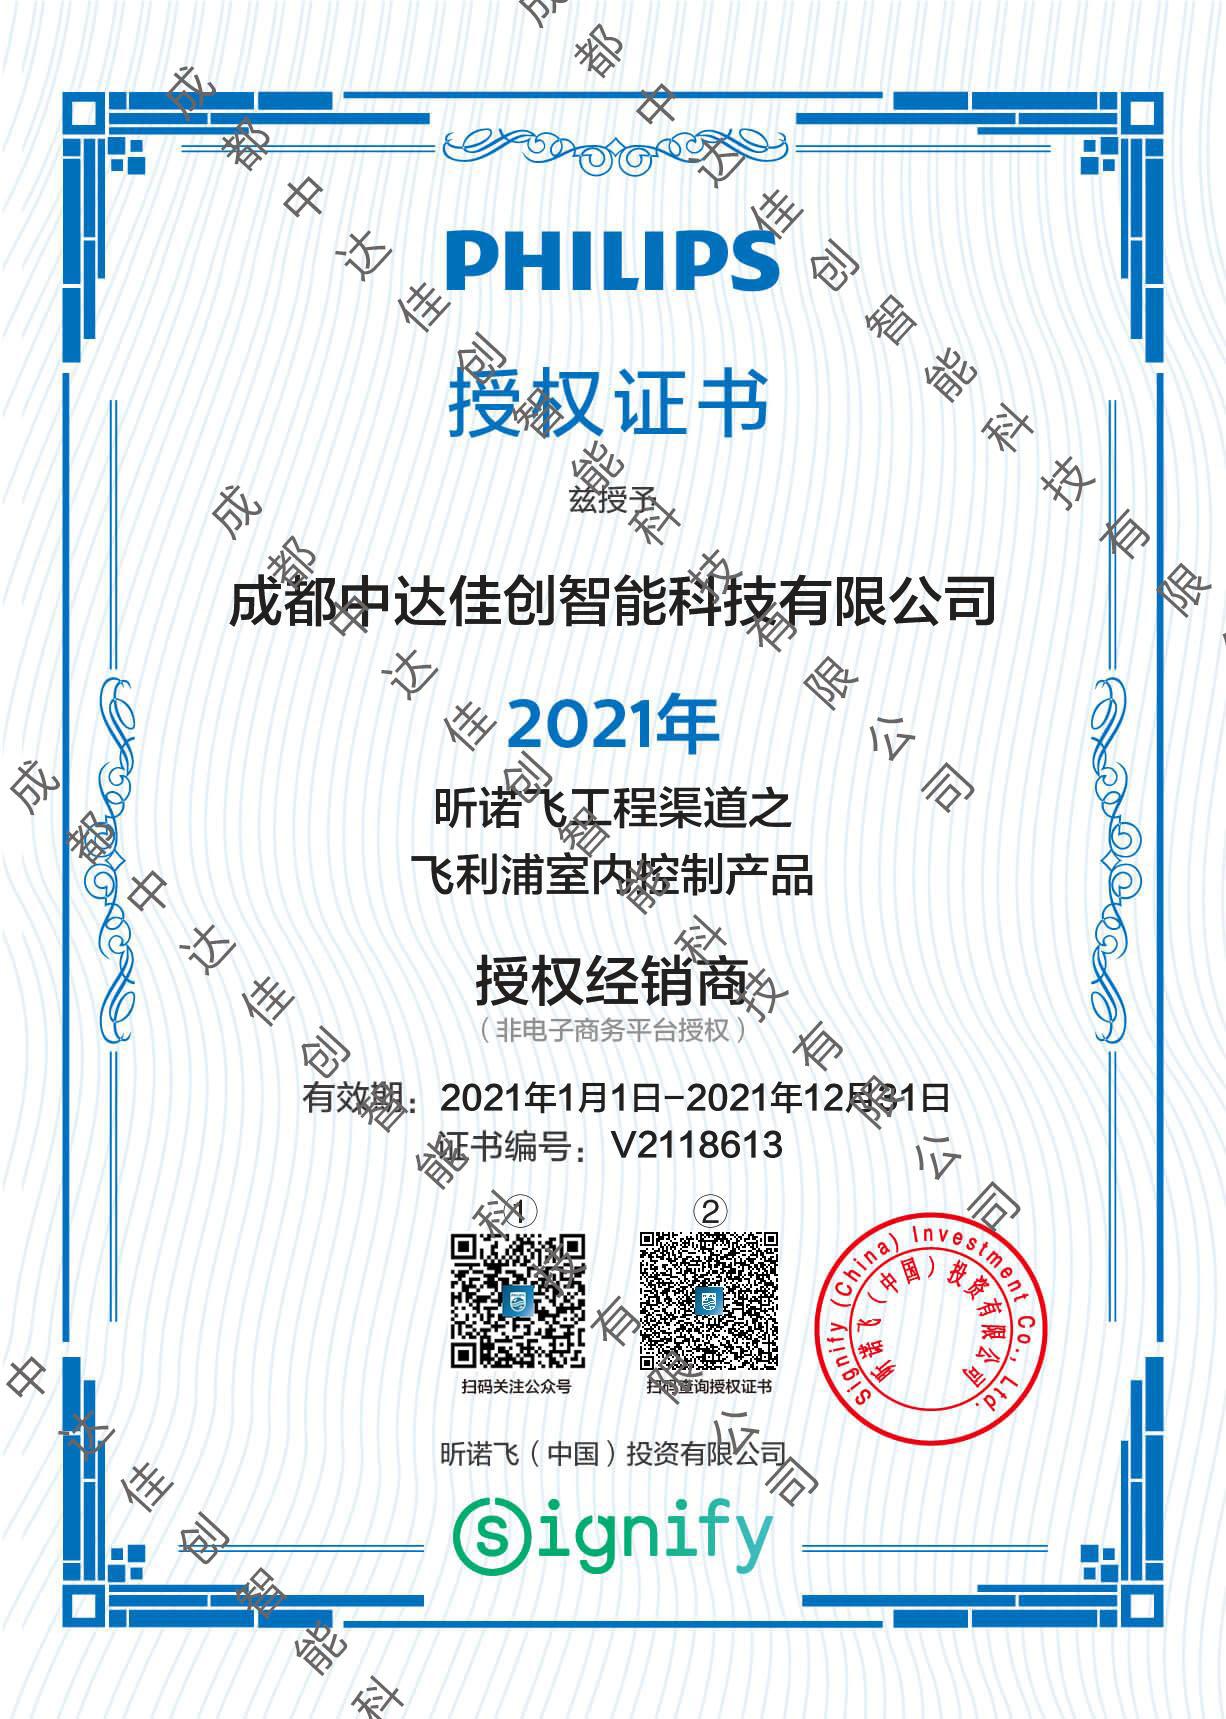 飞利浦-授权证书